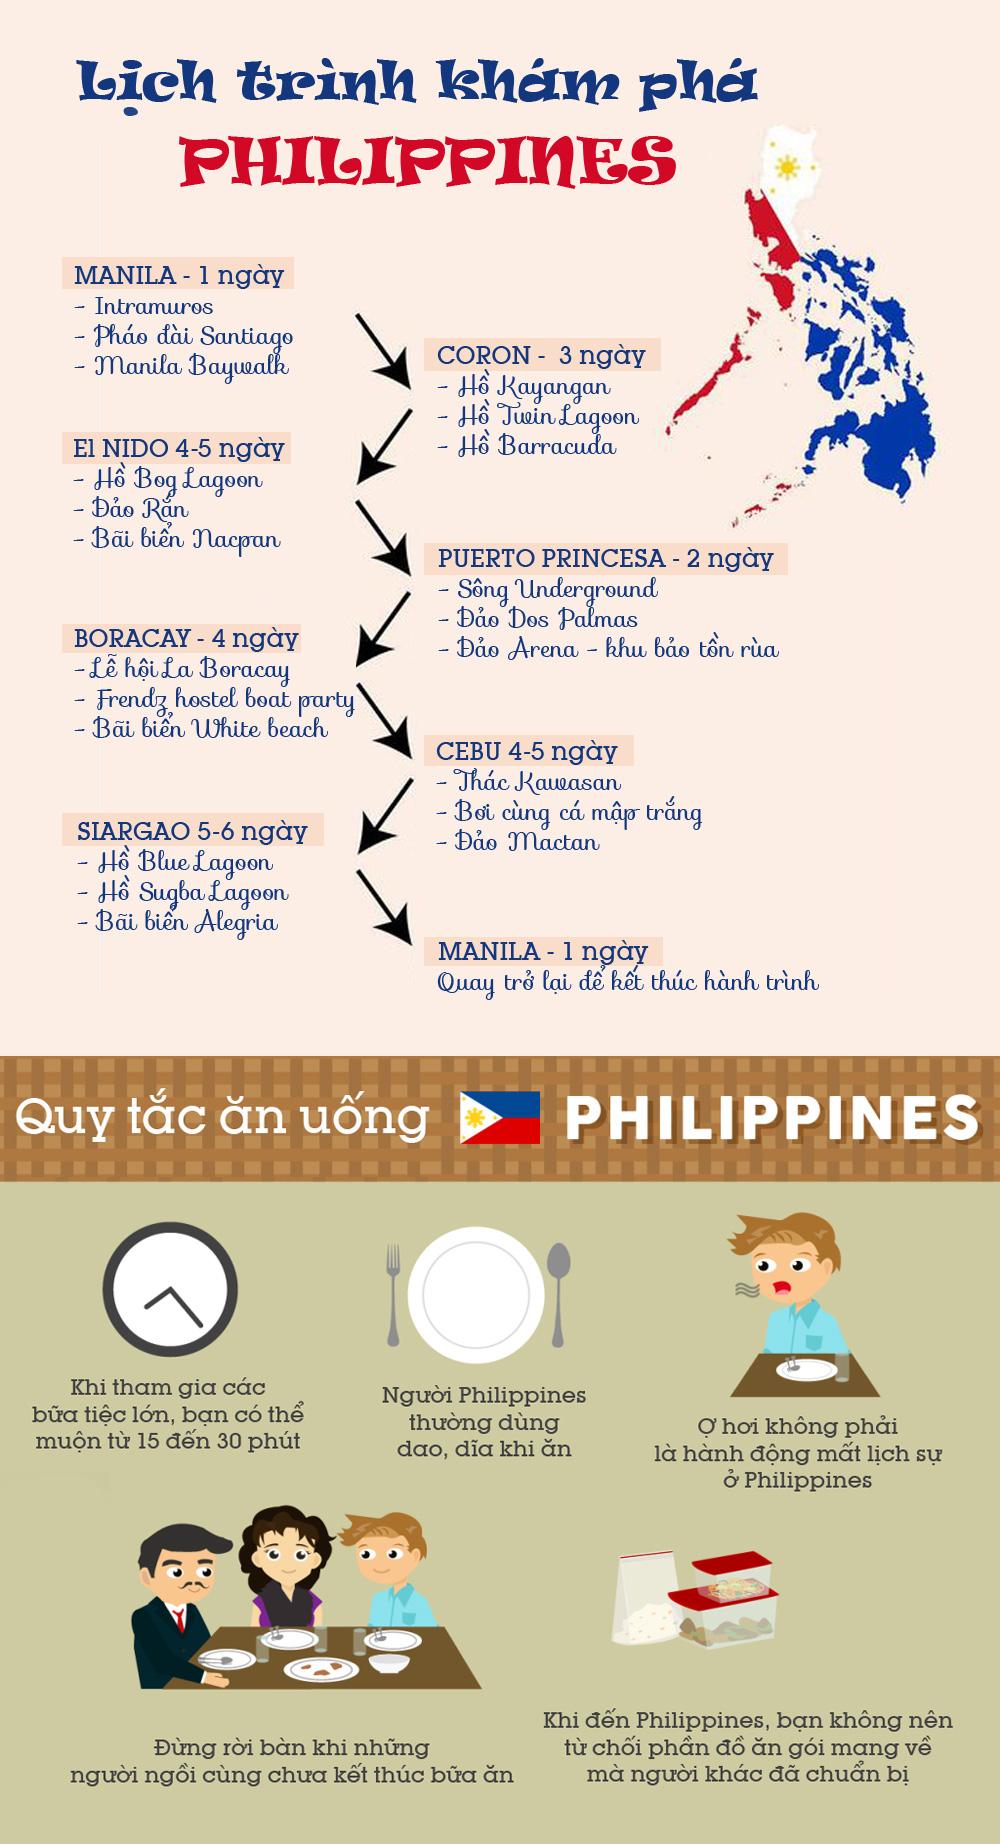 Gợi ý lịch trình đi Philippines kết hợp xem SEA Games - Ảnh 1.